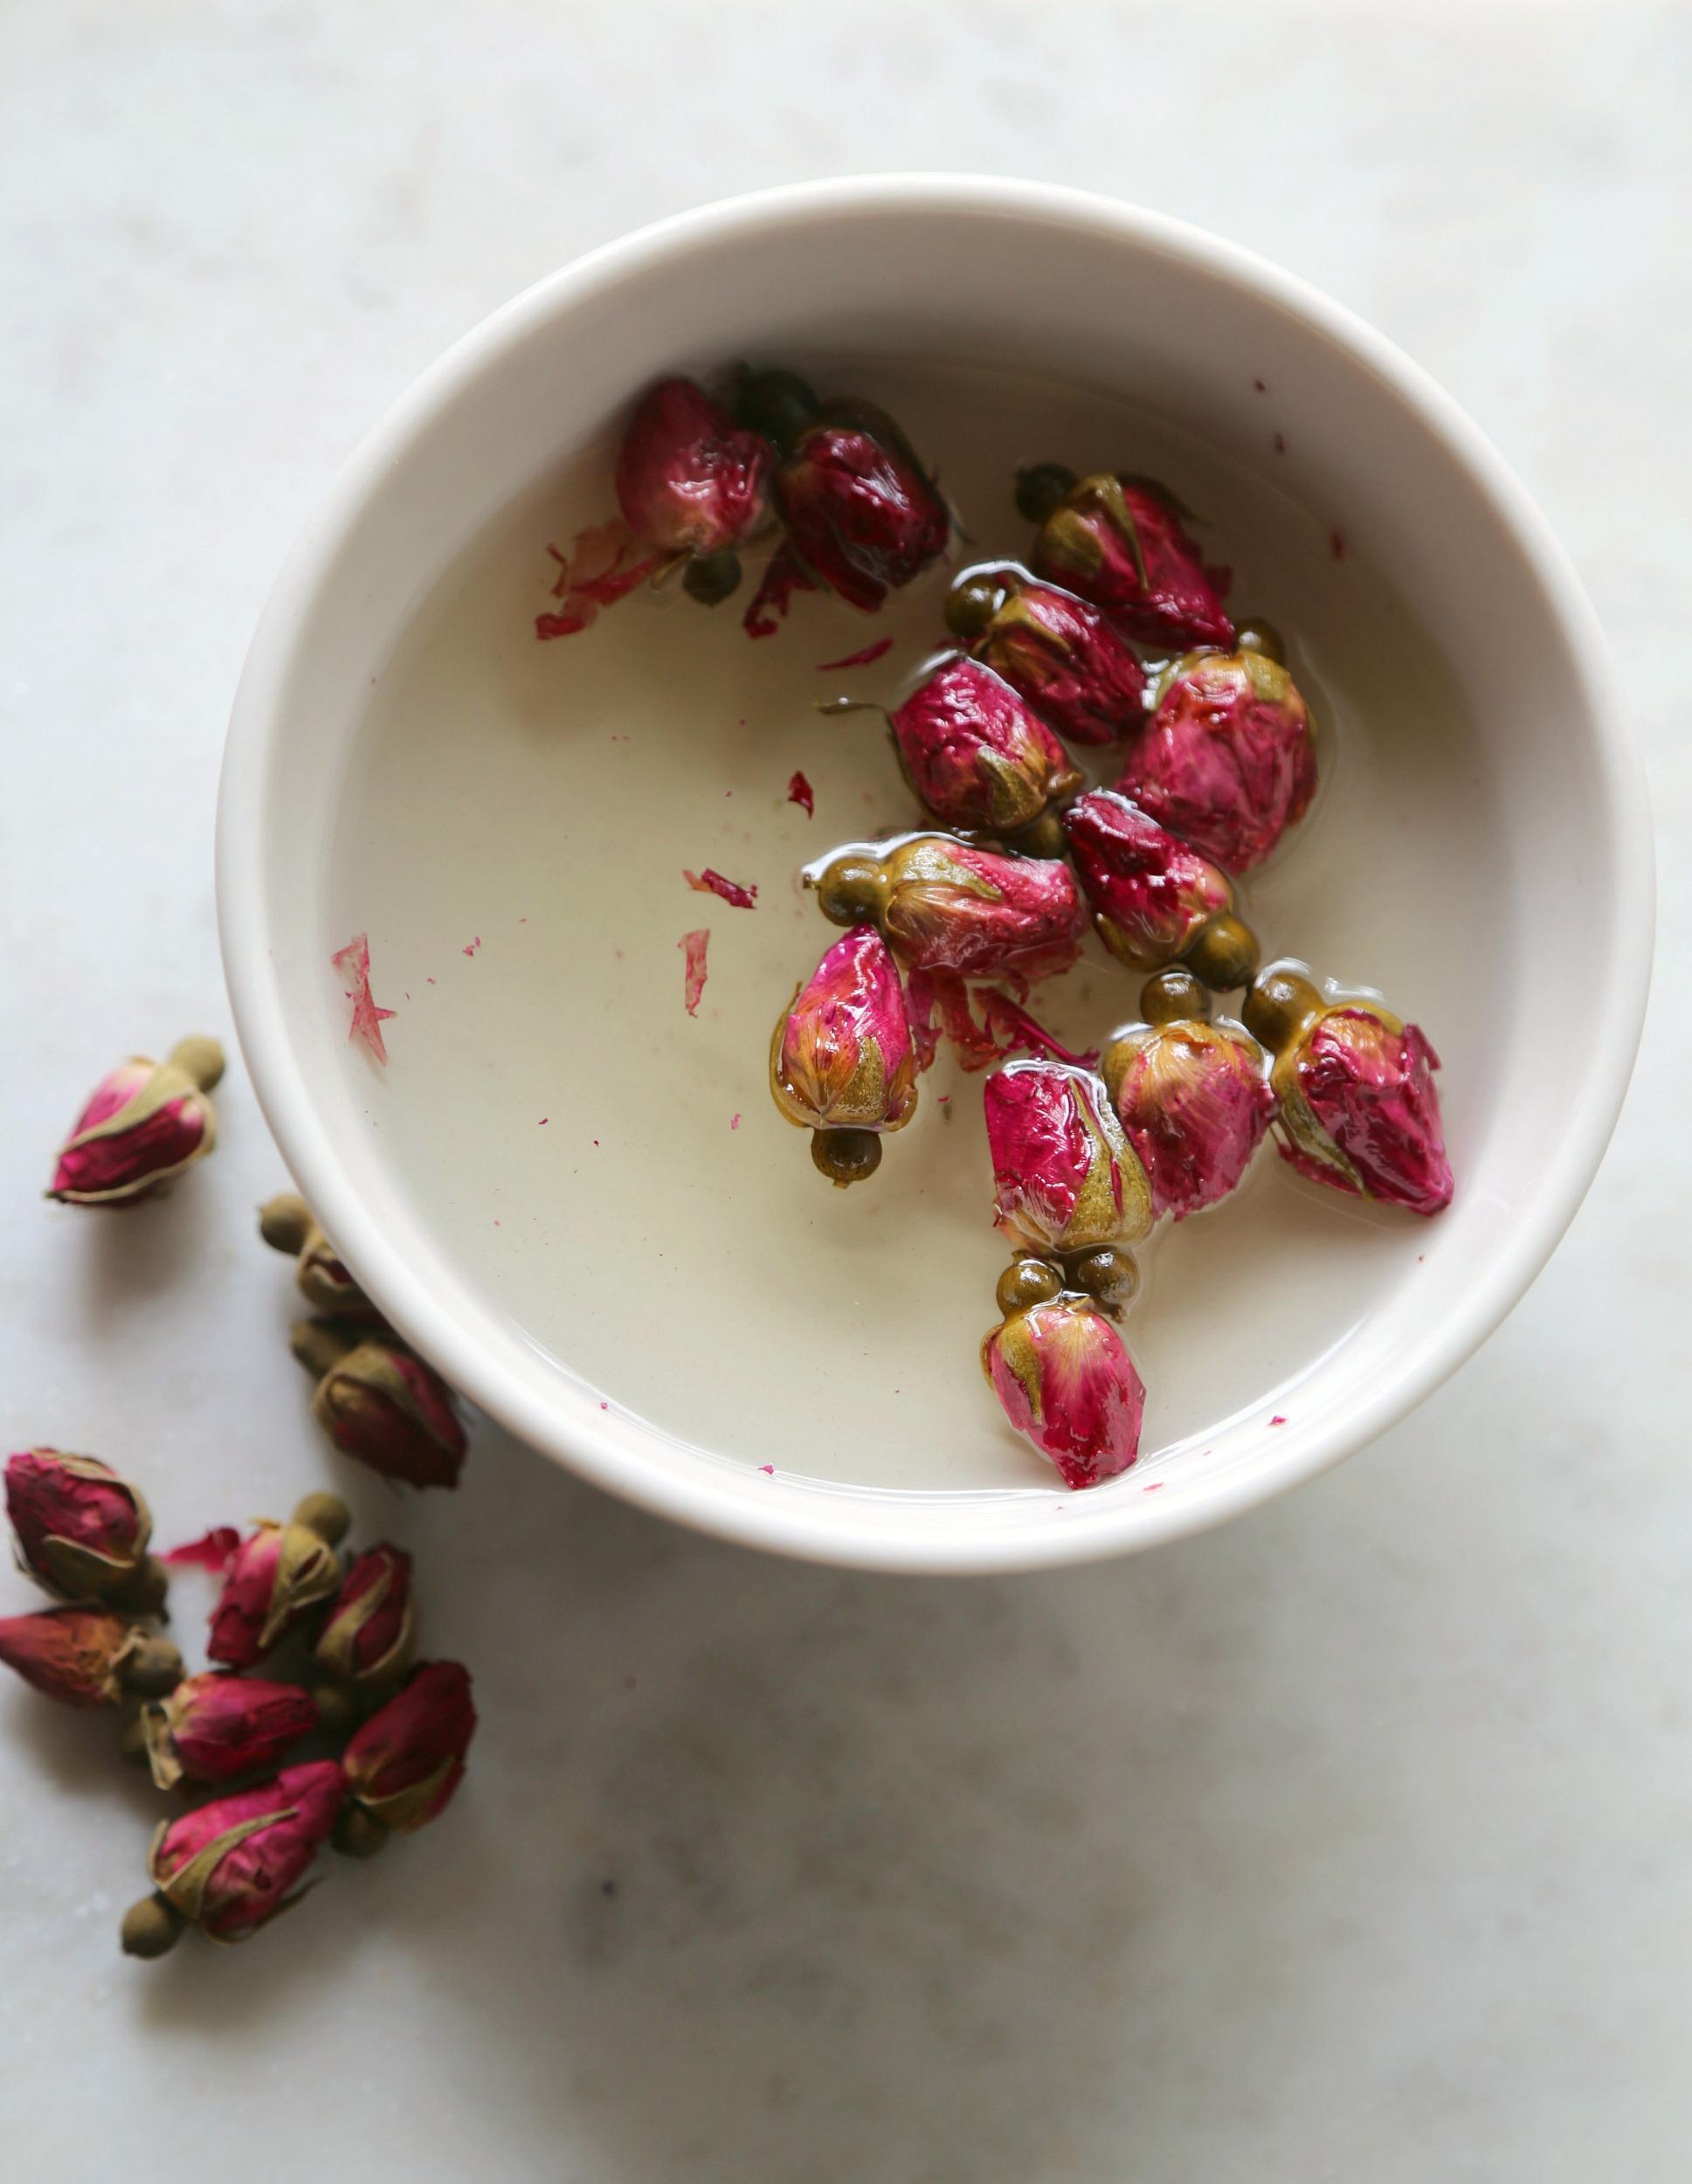 rose-simple-syrup-dried-roses-simple-syrup-vianneyrodriguez-sweetlifebake